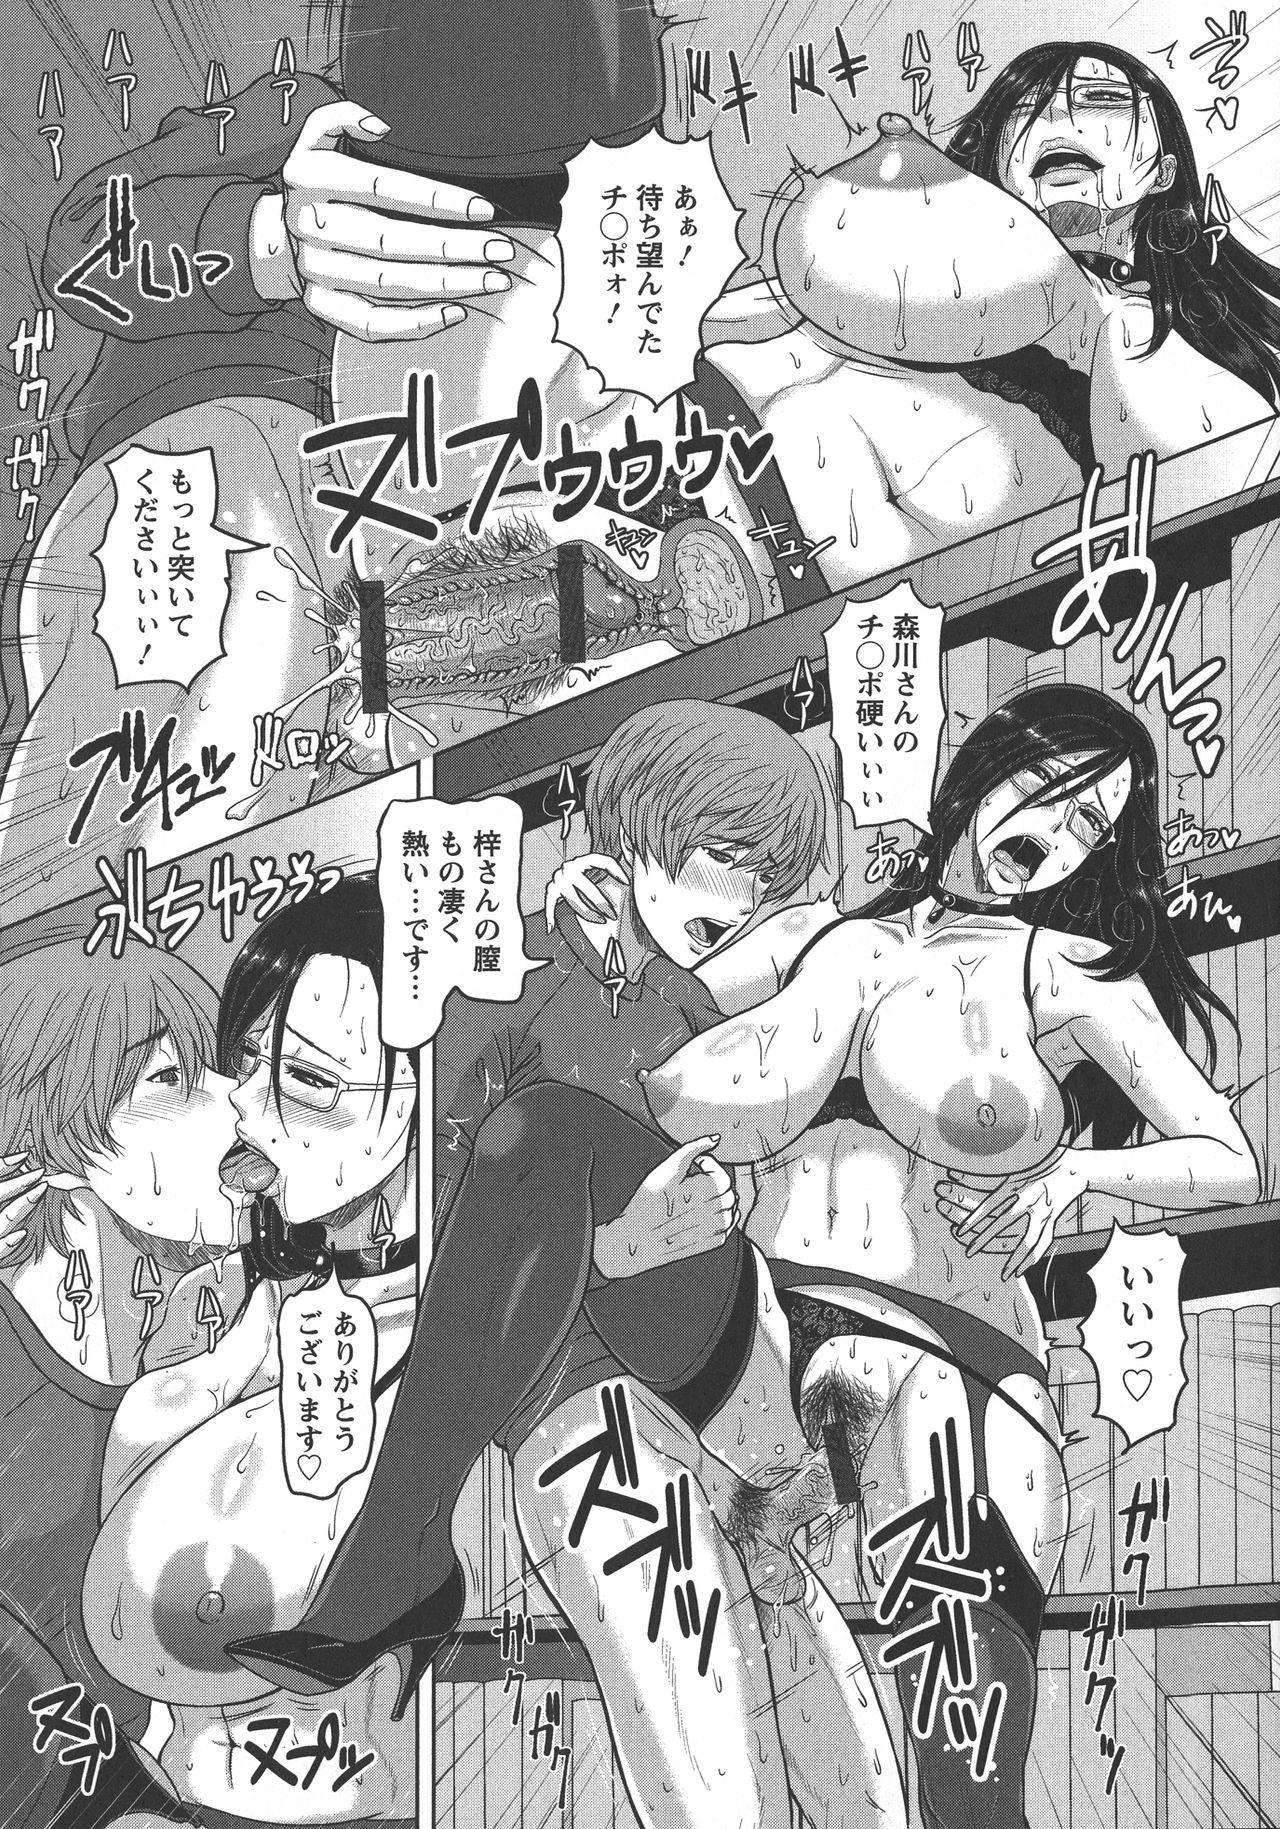 Mesujiru Shibori Nama! 160